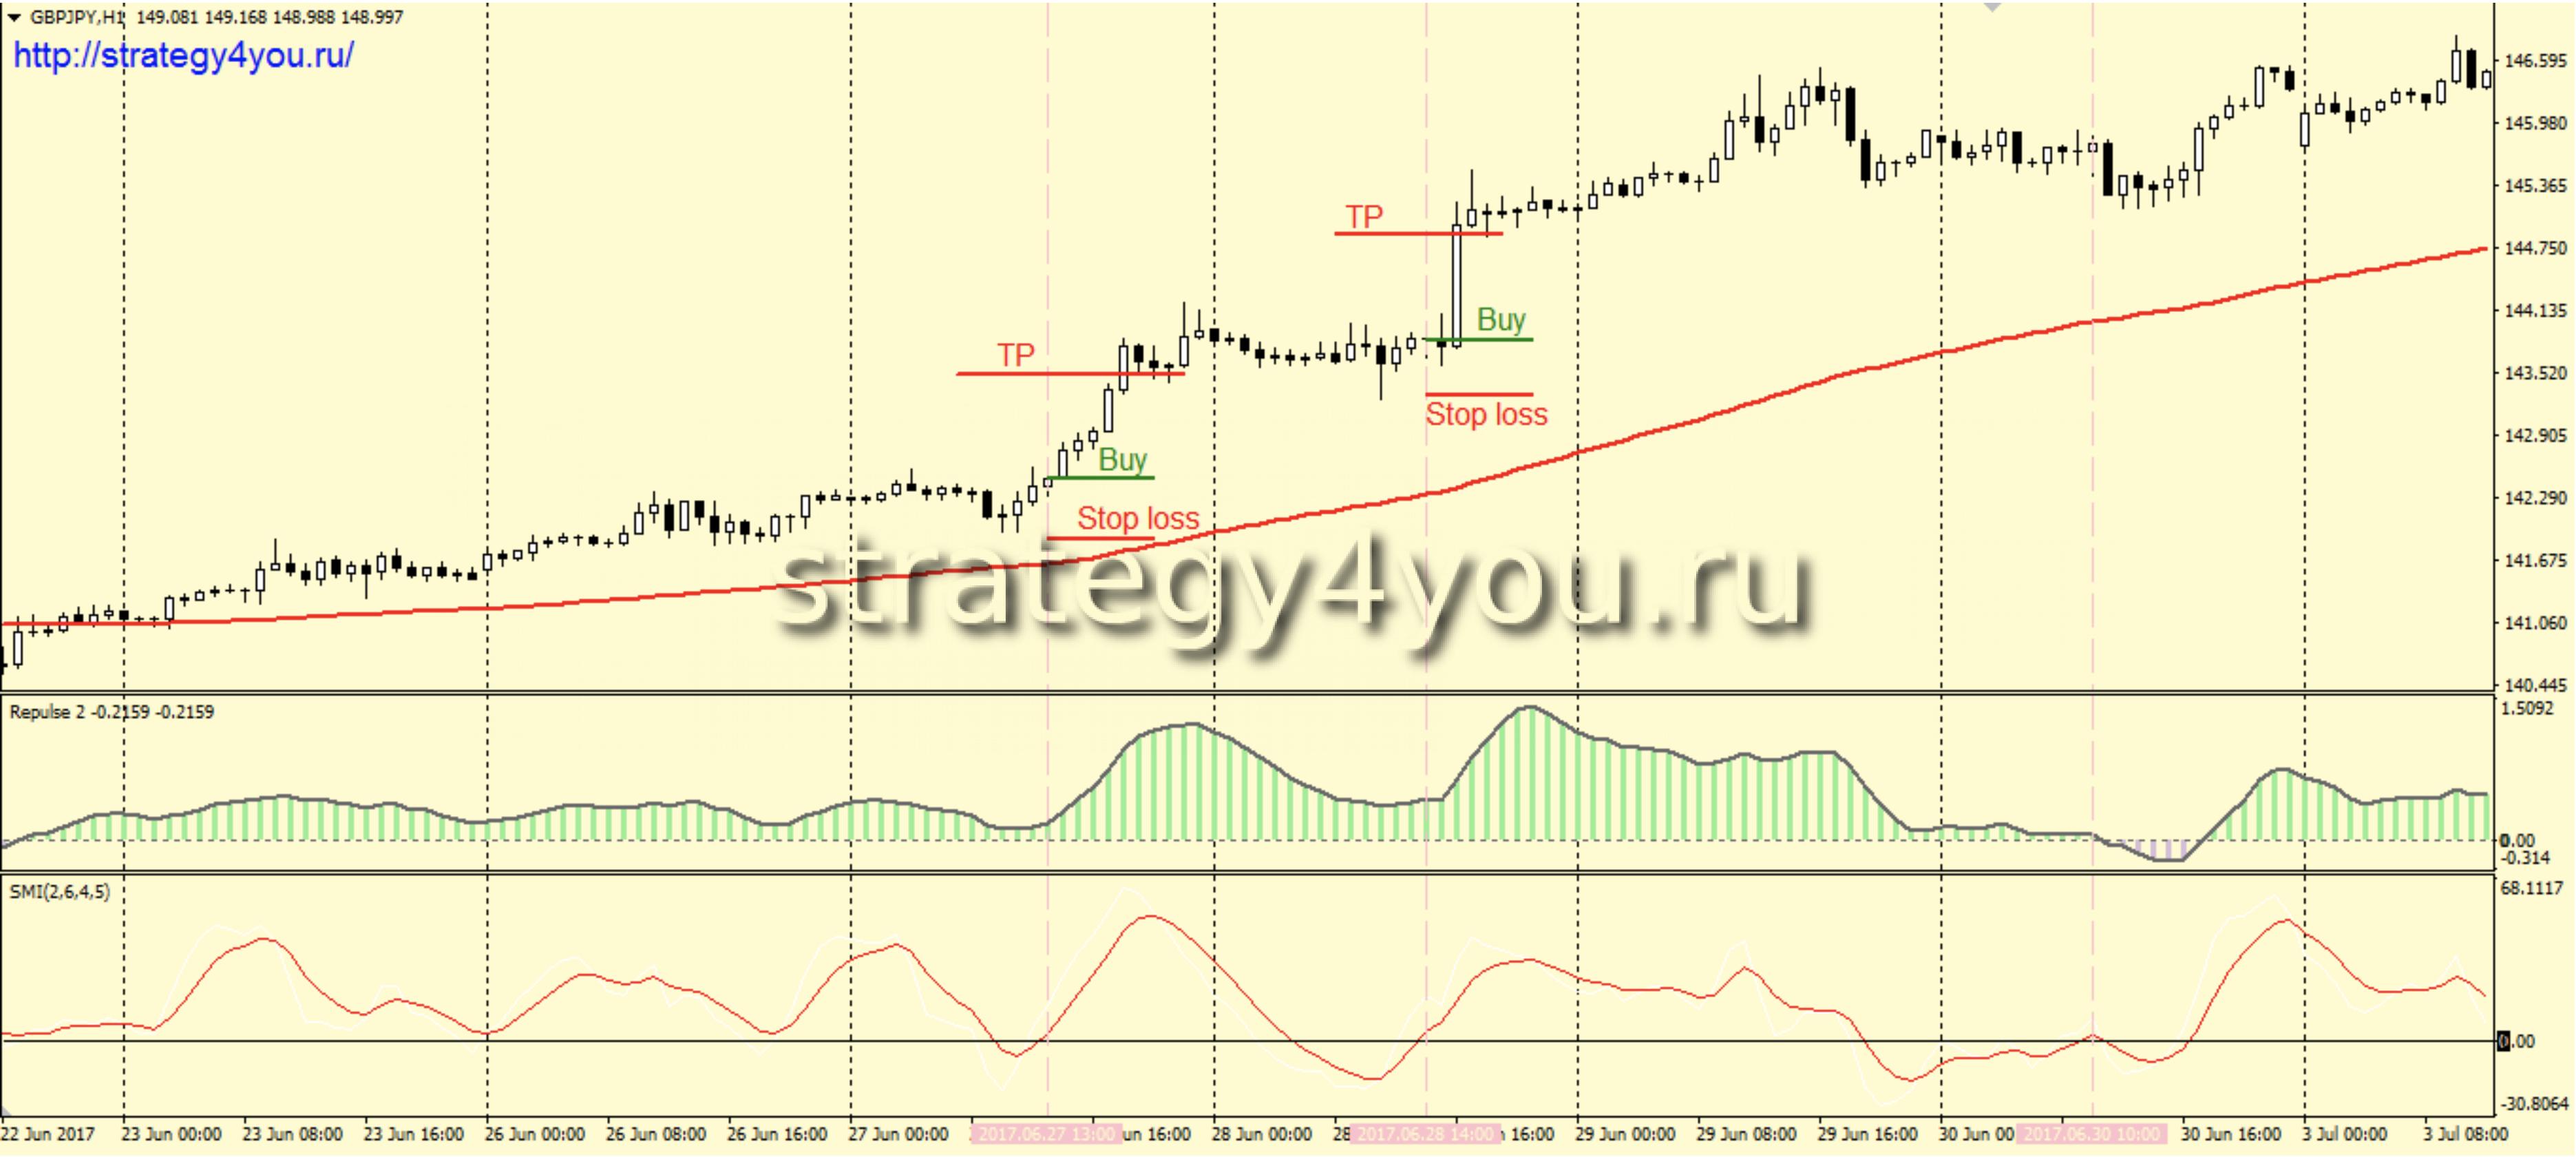 Лучшая стратегия на основе индикаторов форекс форекс аналитика рубль